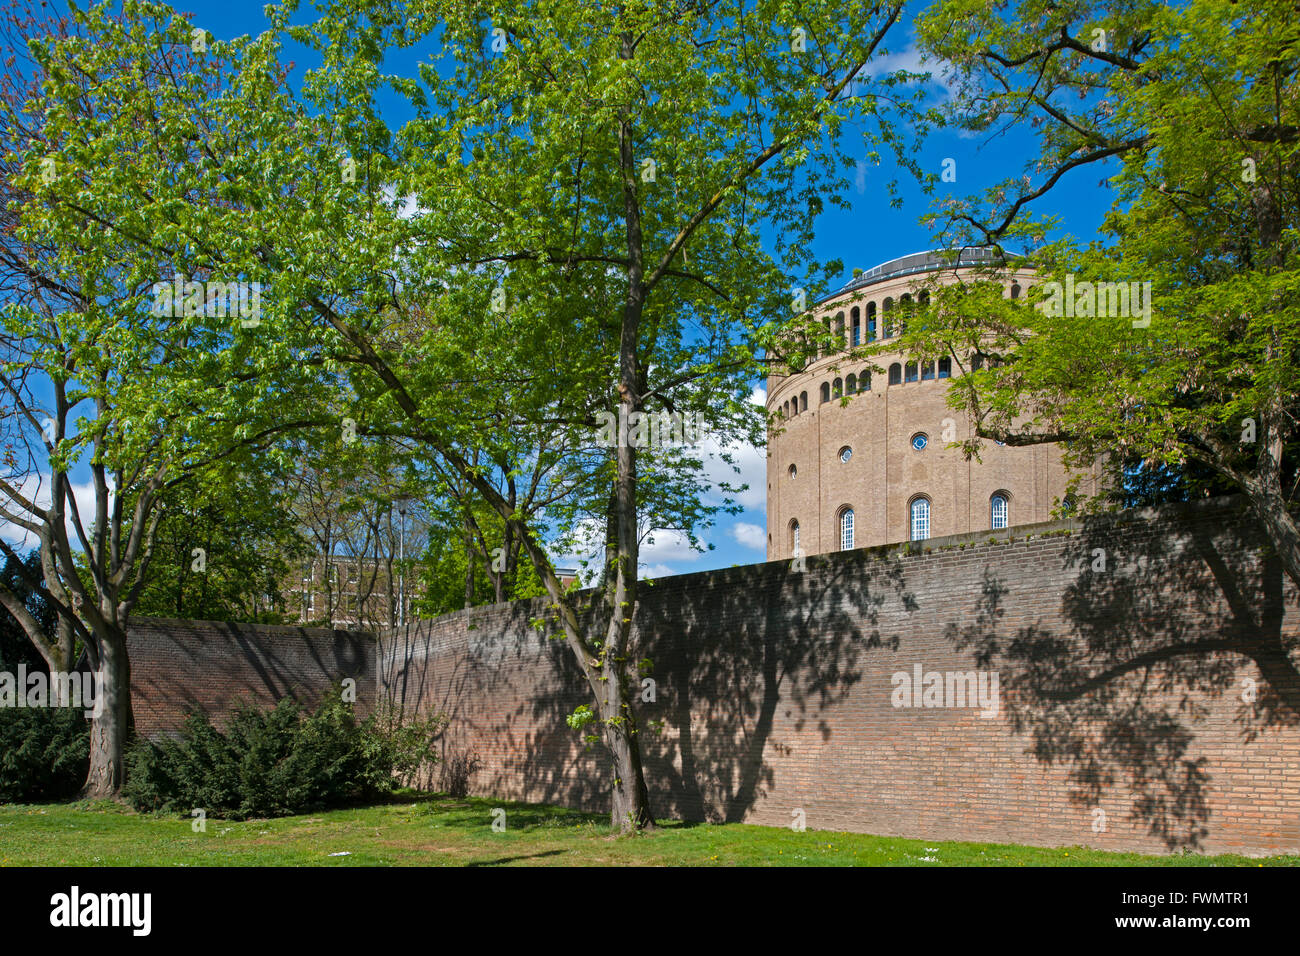 Köln, Altstadt-Süd, Cäcilienviertel (Griechenviertel), Blick über die 'Alte Mauer am Bach' - Stock Image